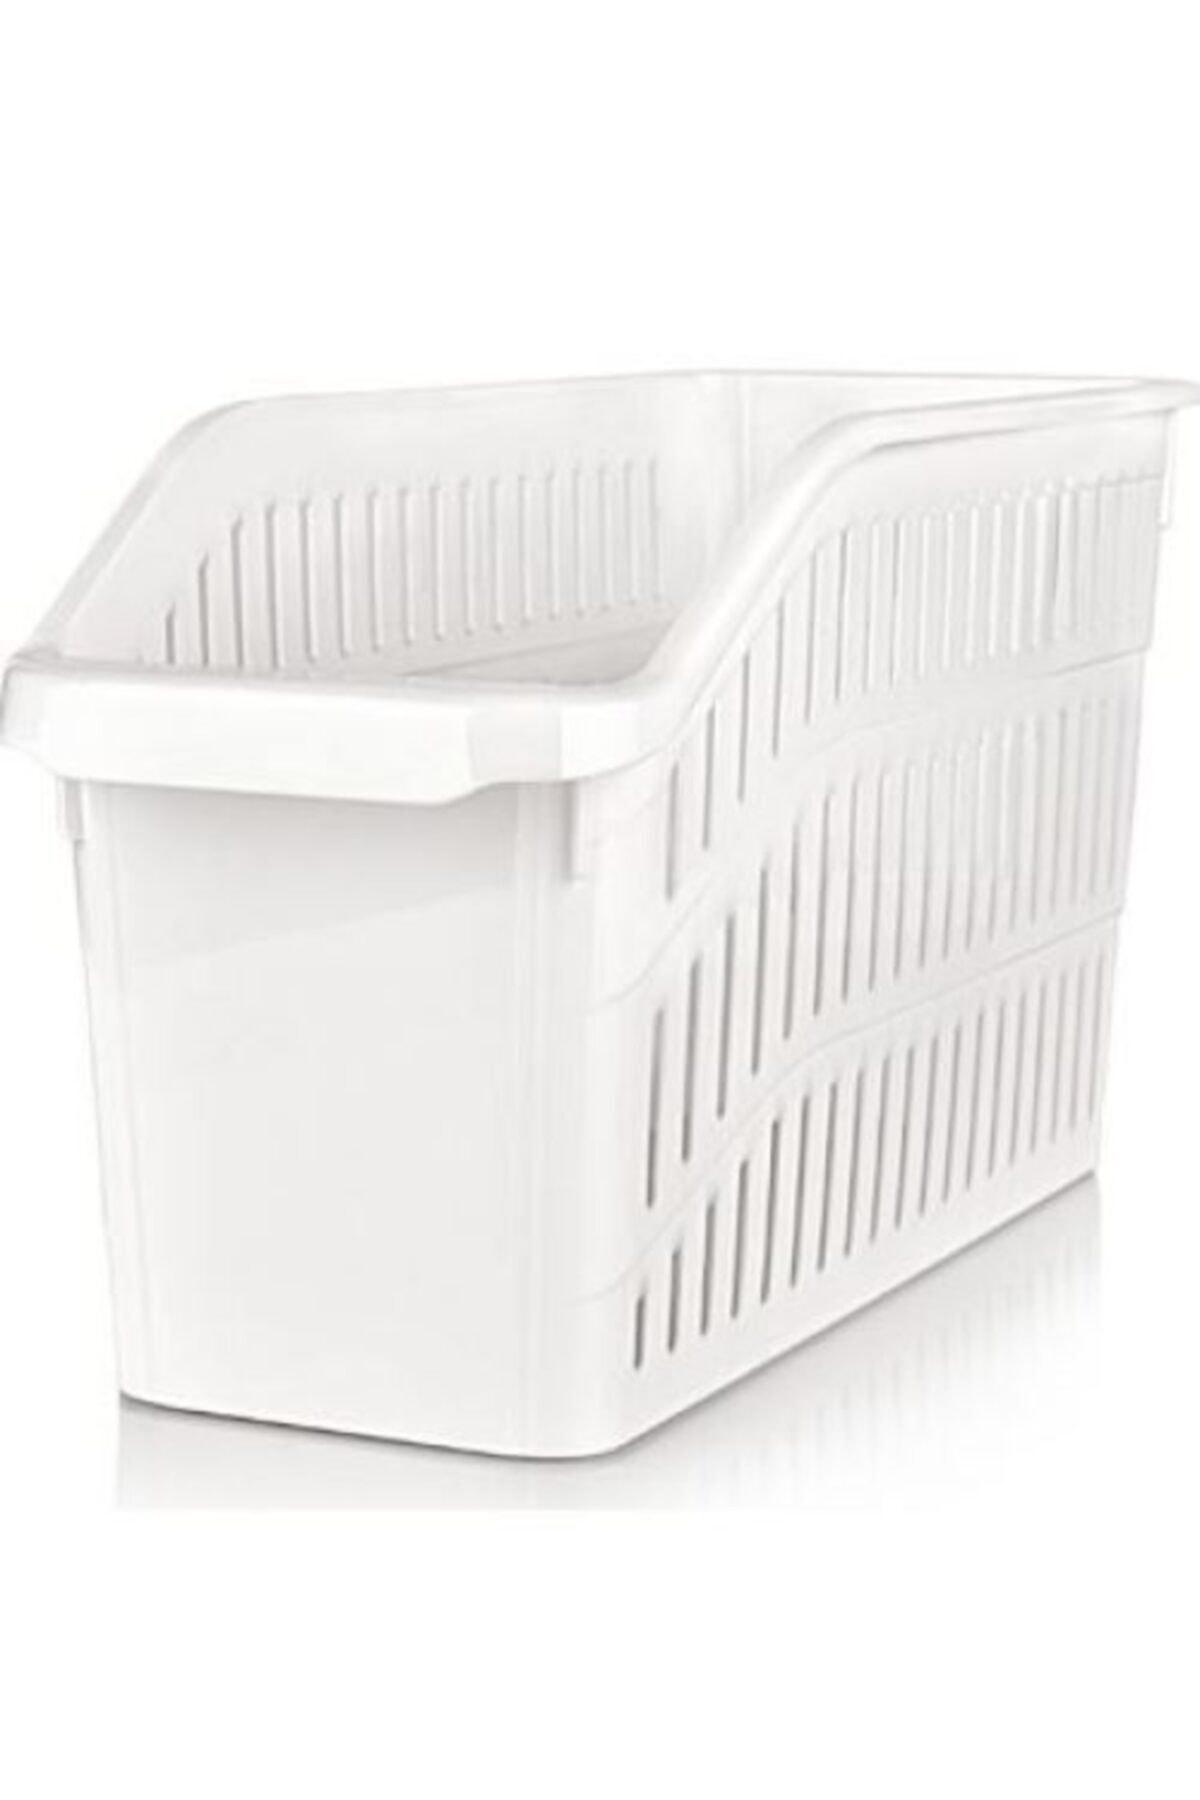 HOBBY LİFE Buzdolabi Içi Düzenleyici Dolap Içi Düzenleyici Organizer 1 Adet Geniş, 2 Adet Dar 2